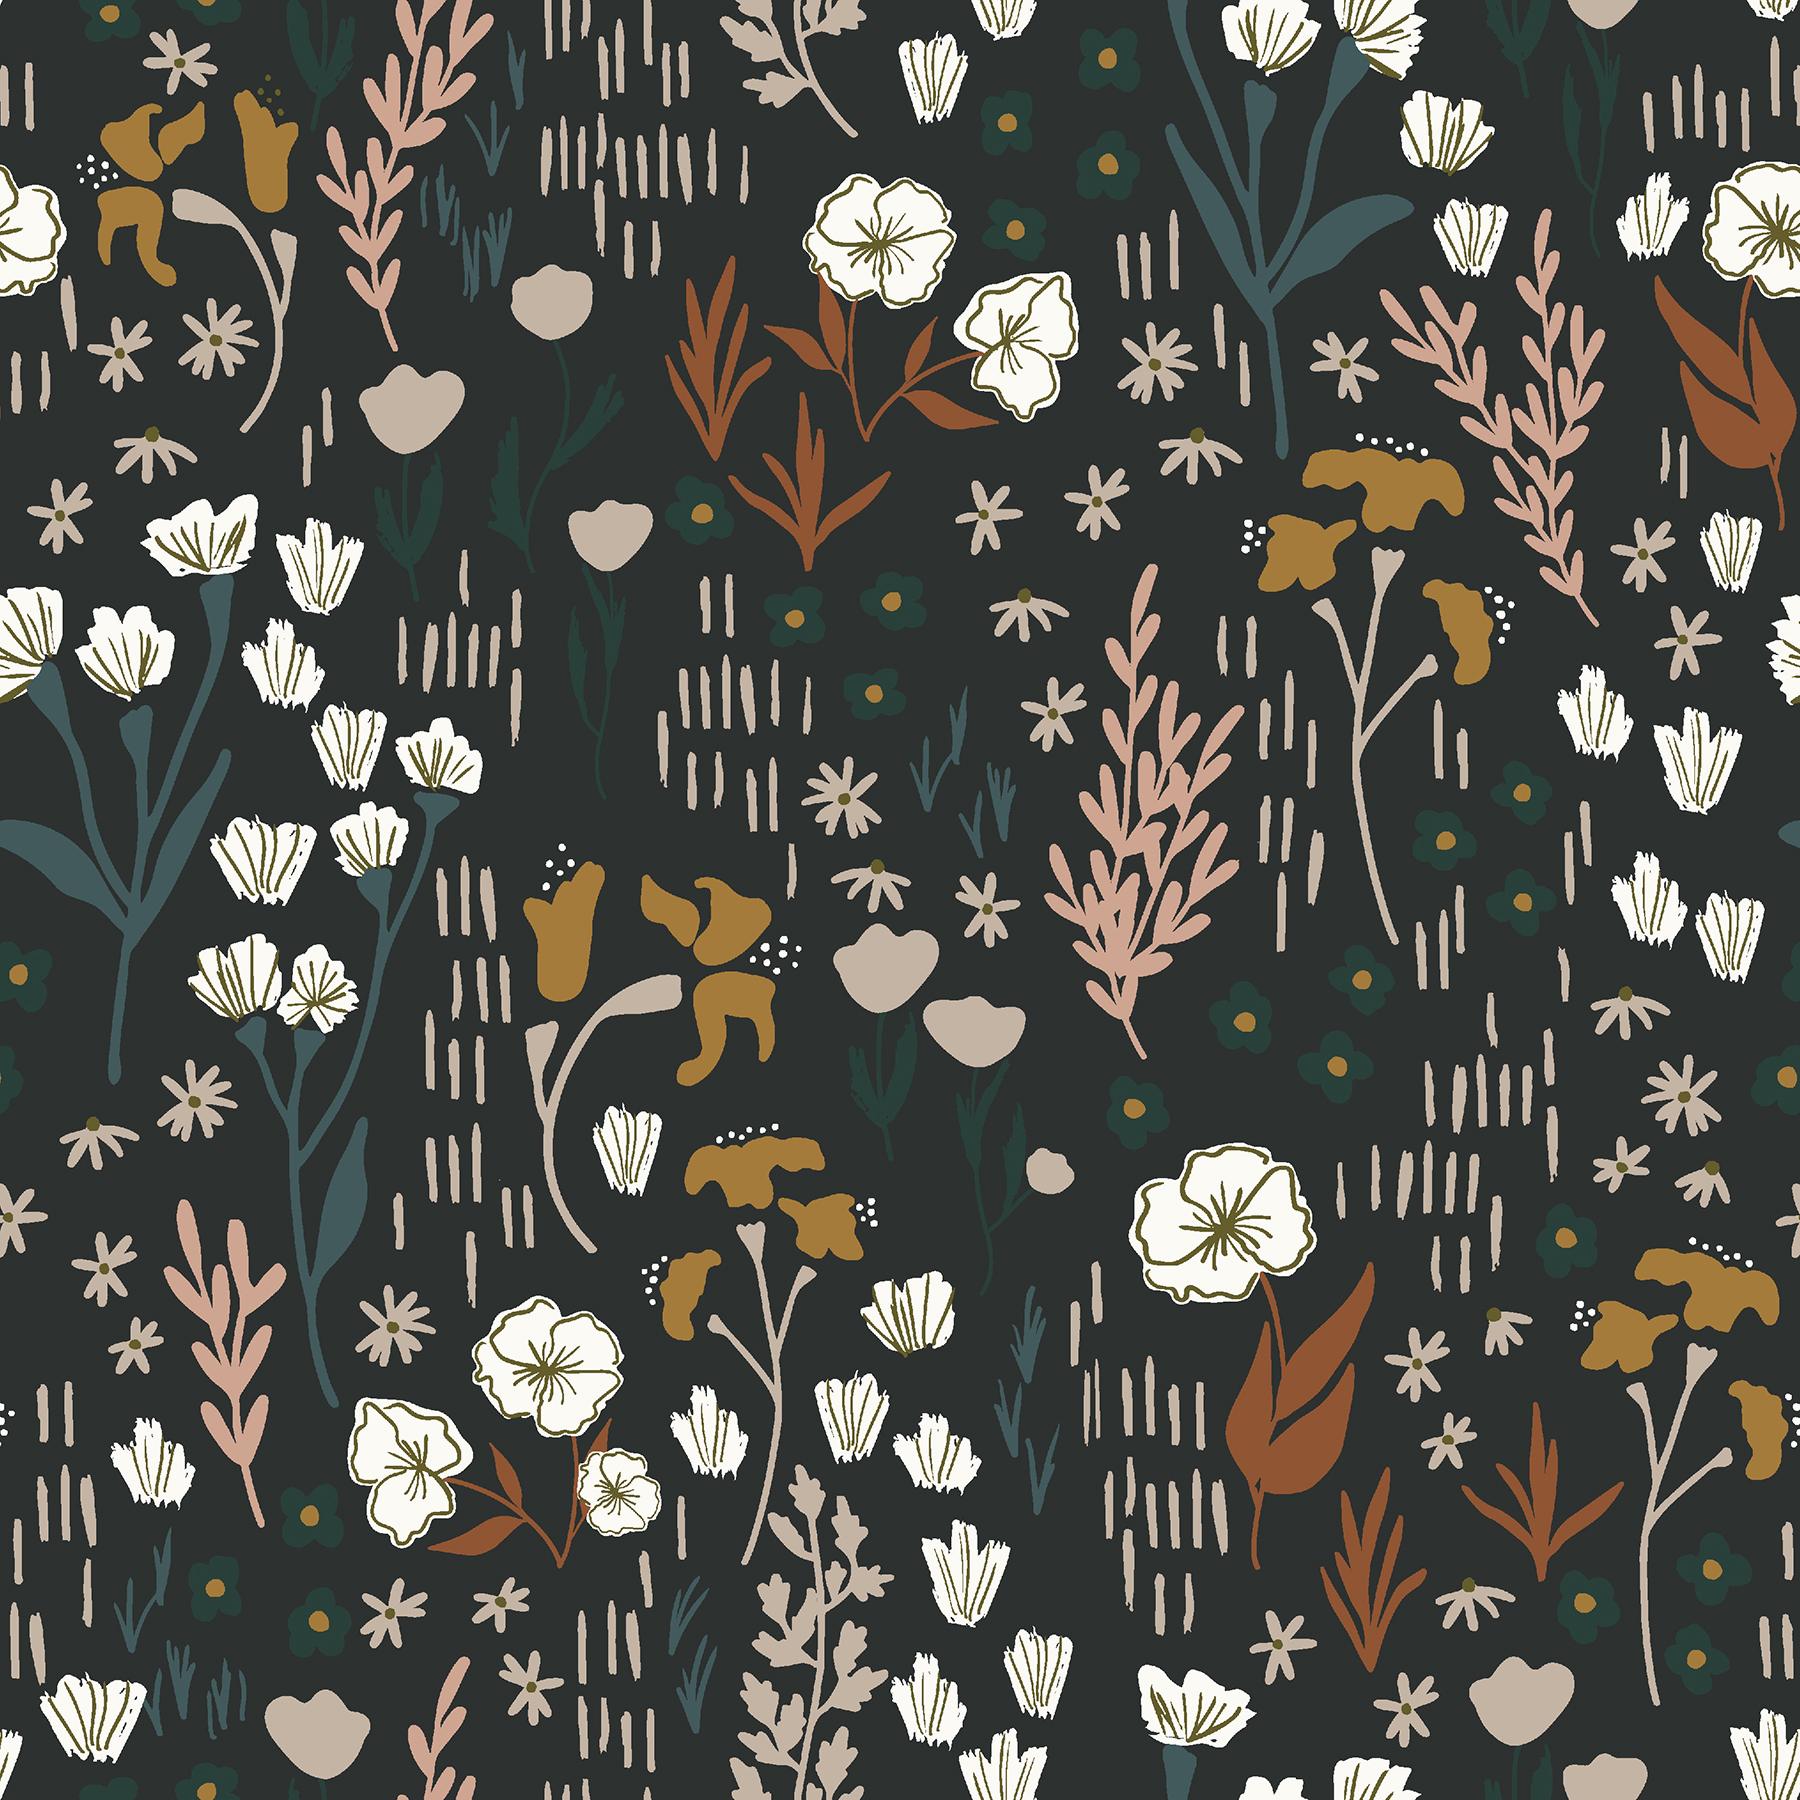 Cotton Poplin- Dear Isla- Meadow- Twilight STH#11229581